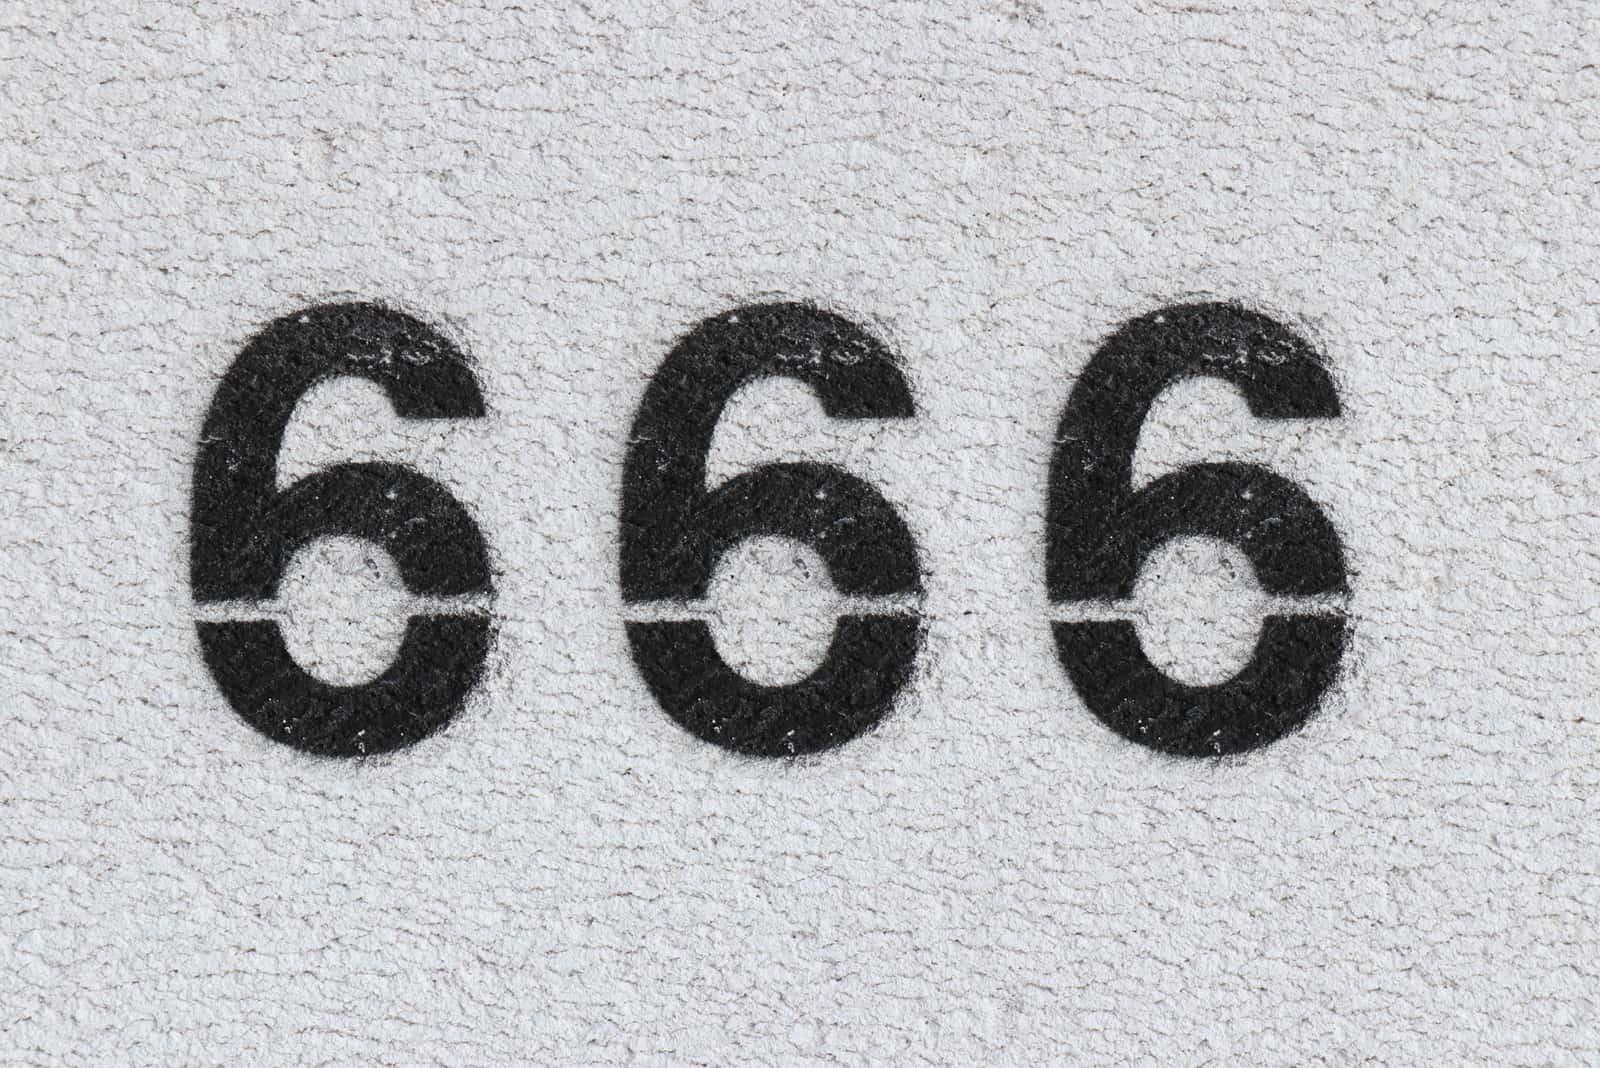 Nummer 666 auf grauem Hintergrund